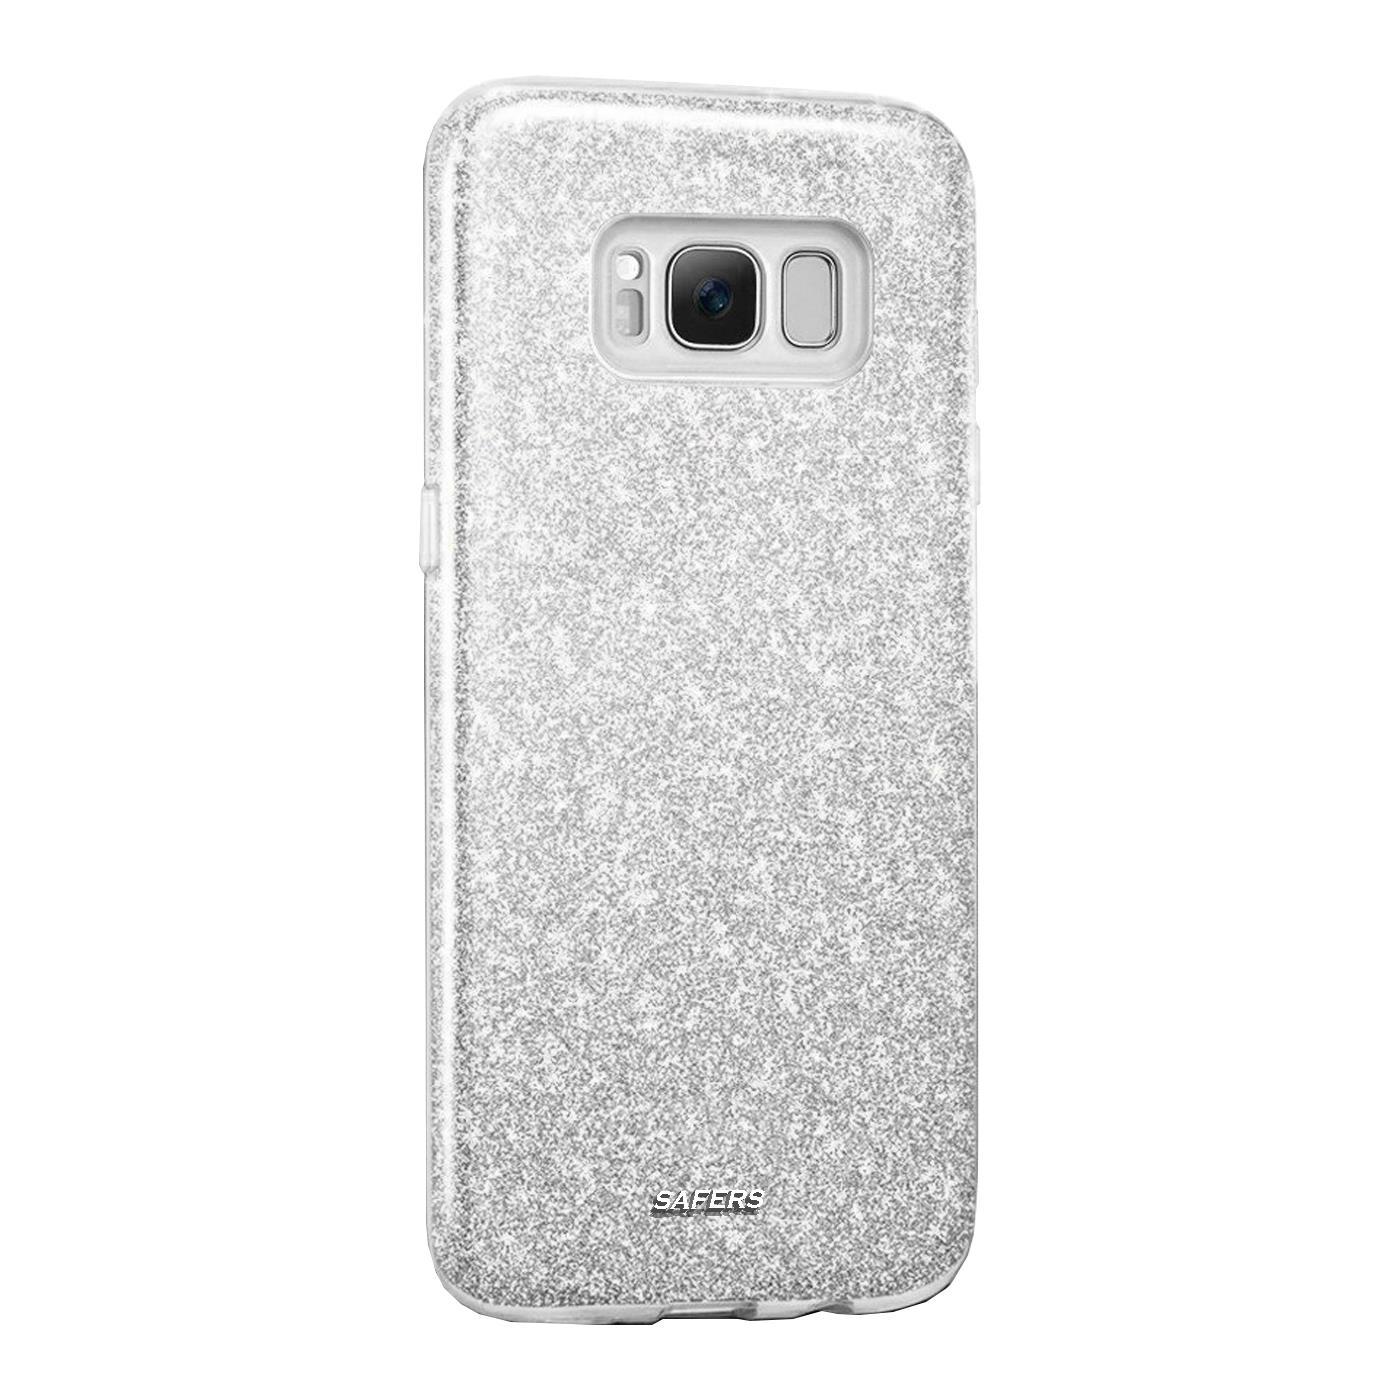 Handy-Glitzer-Huelle-fuer-Samsung-Galaxy-Slim-TPU-Cover-Case-Silikon-Schutz-Tasche Indexbild 20